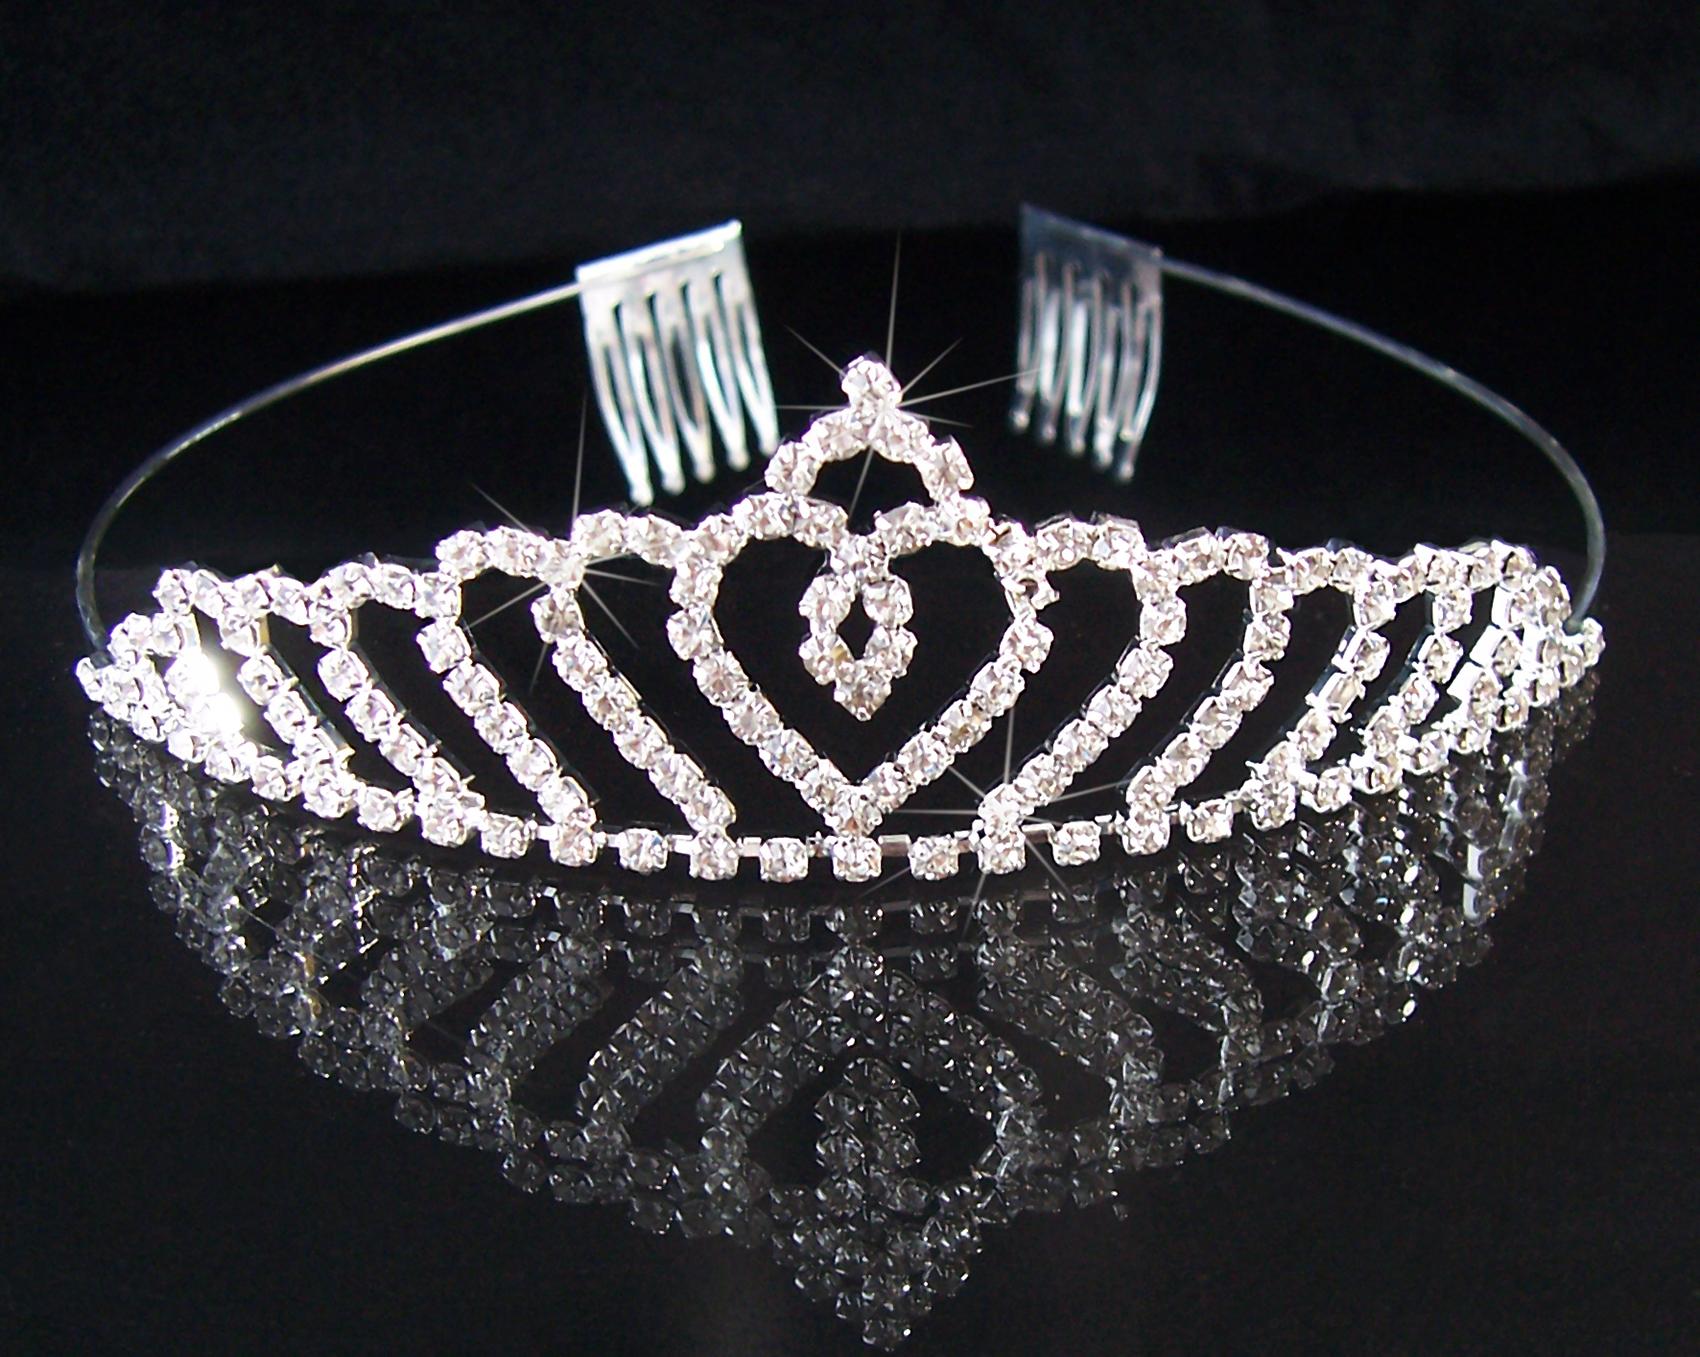 Tiara Diadem Krone Hochzeit Brautschmuck Braut silber Haarreif H2834